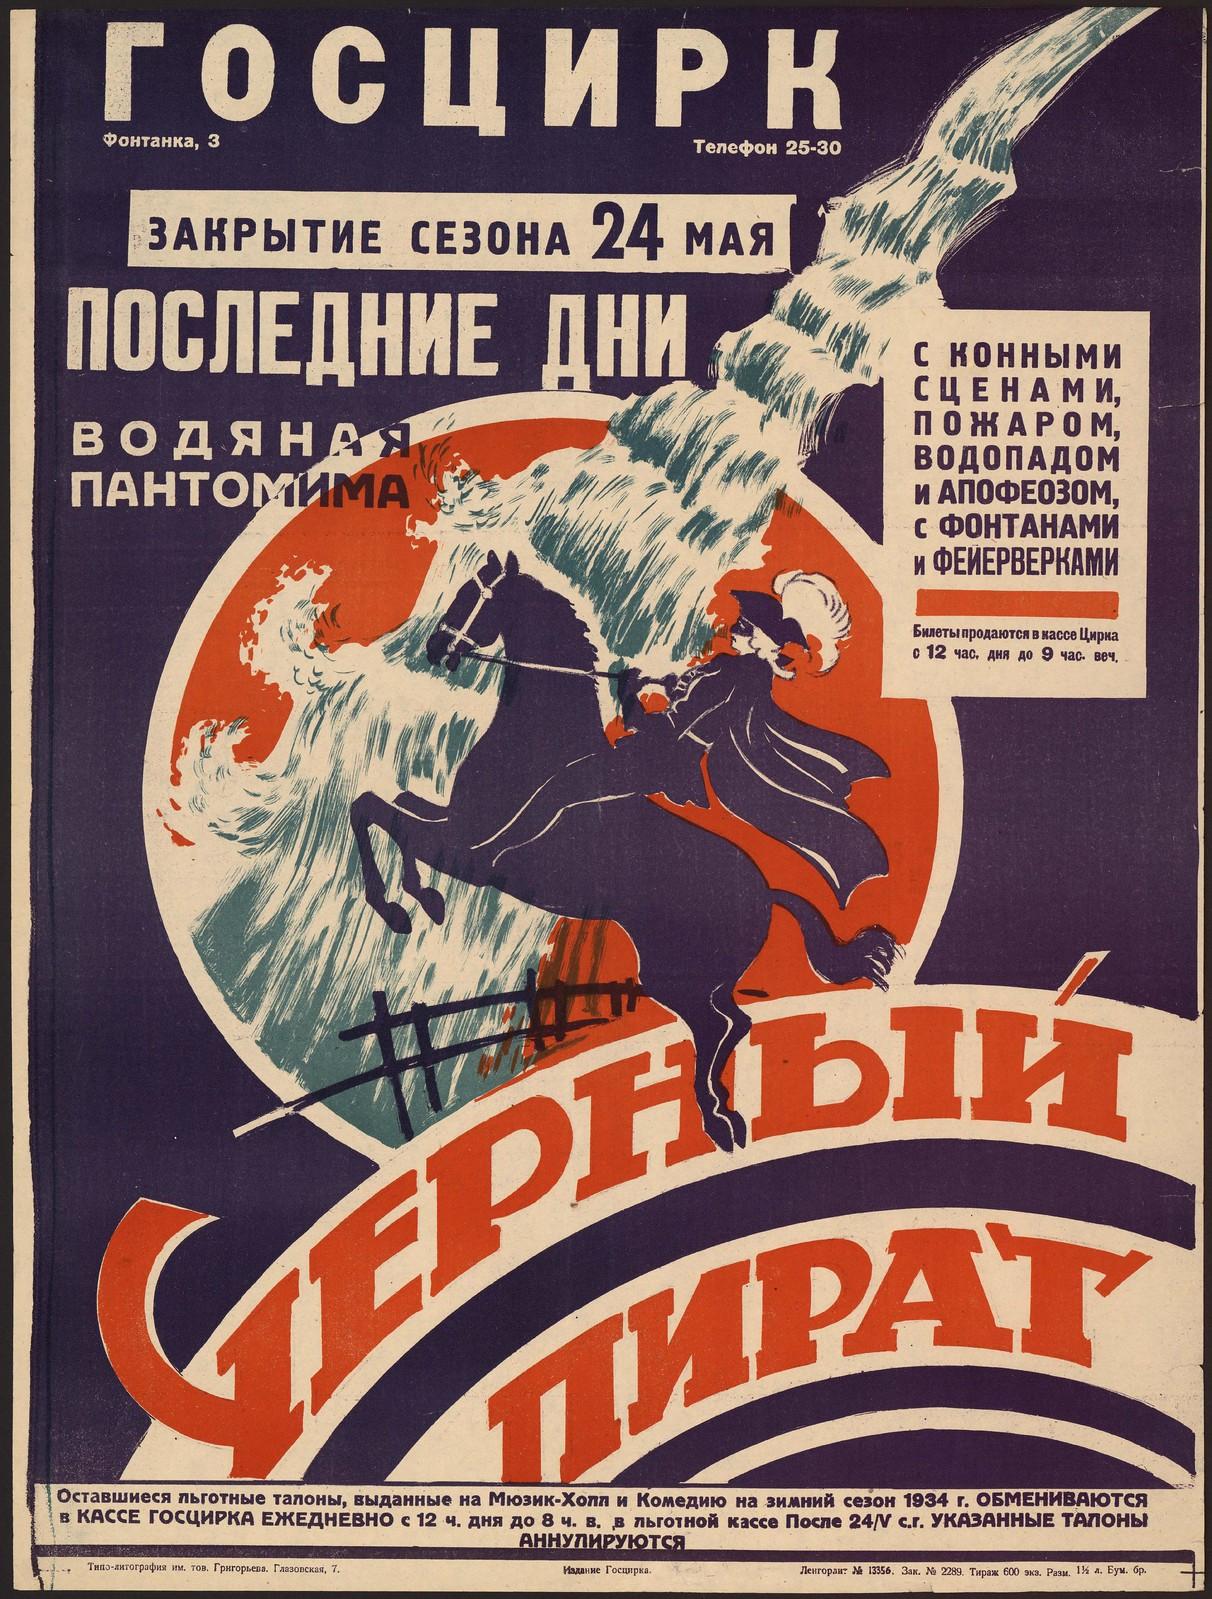 1934.Черный пират. Госцирк. Закрытие сезона 24 мая. Последние дни. Водяная пантомима